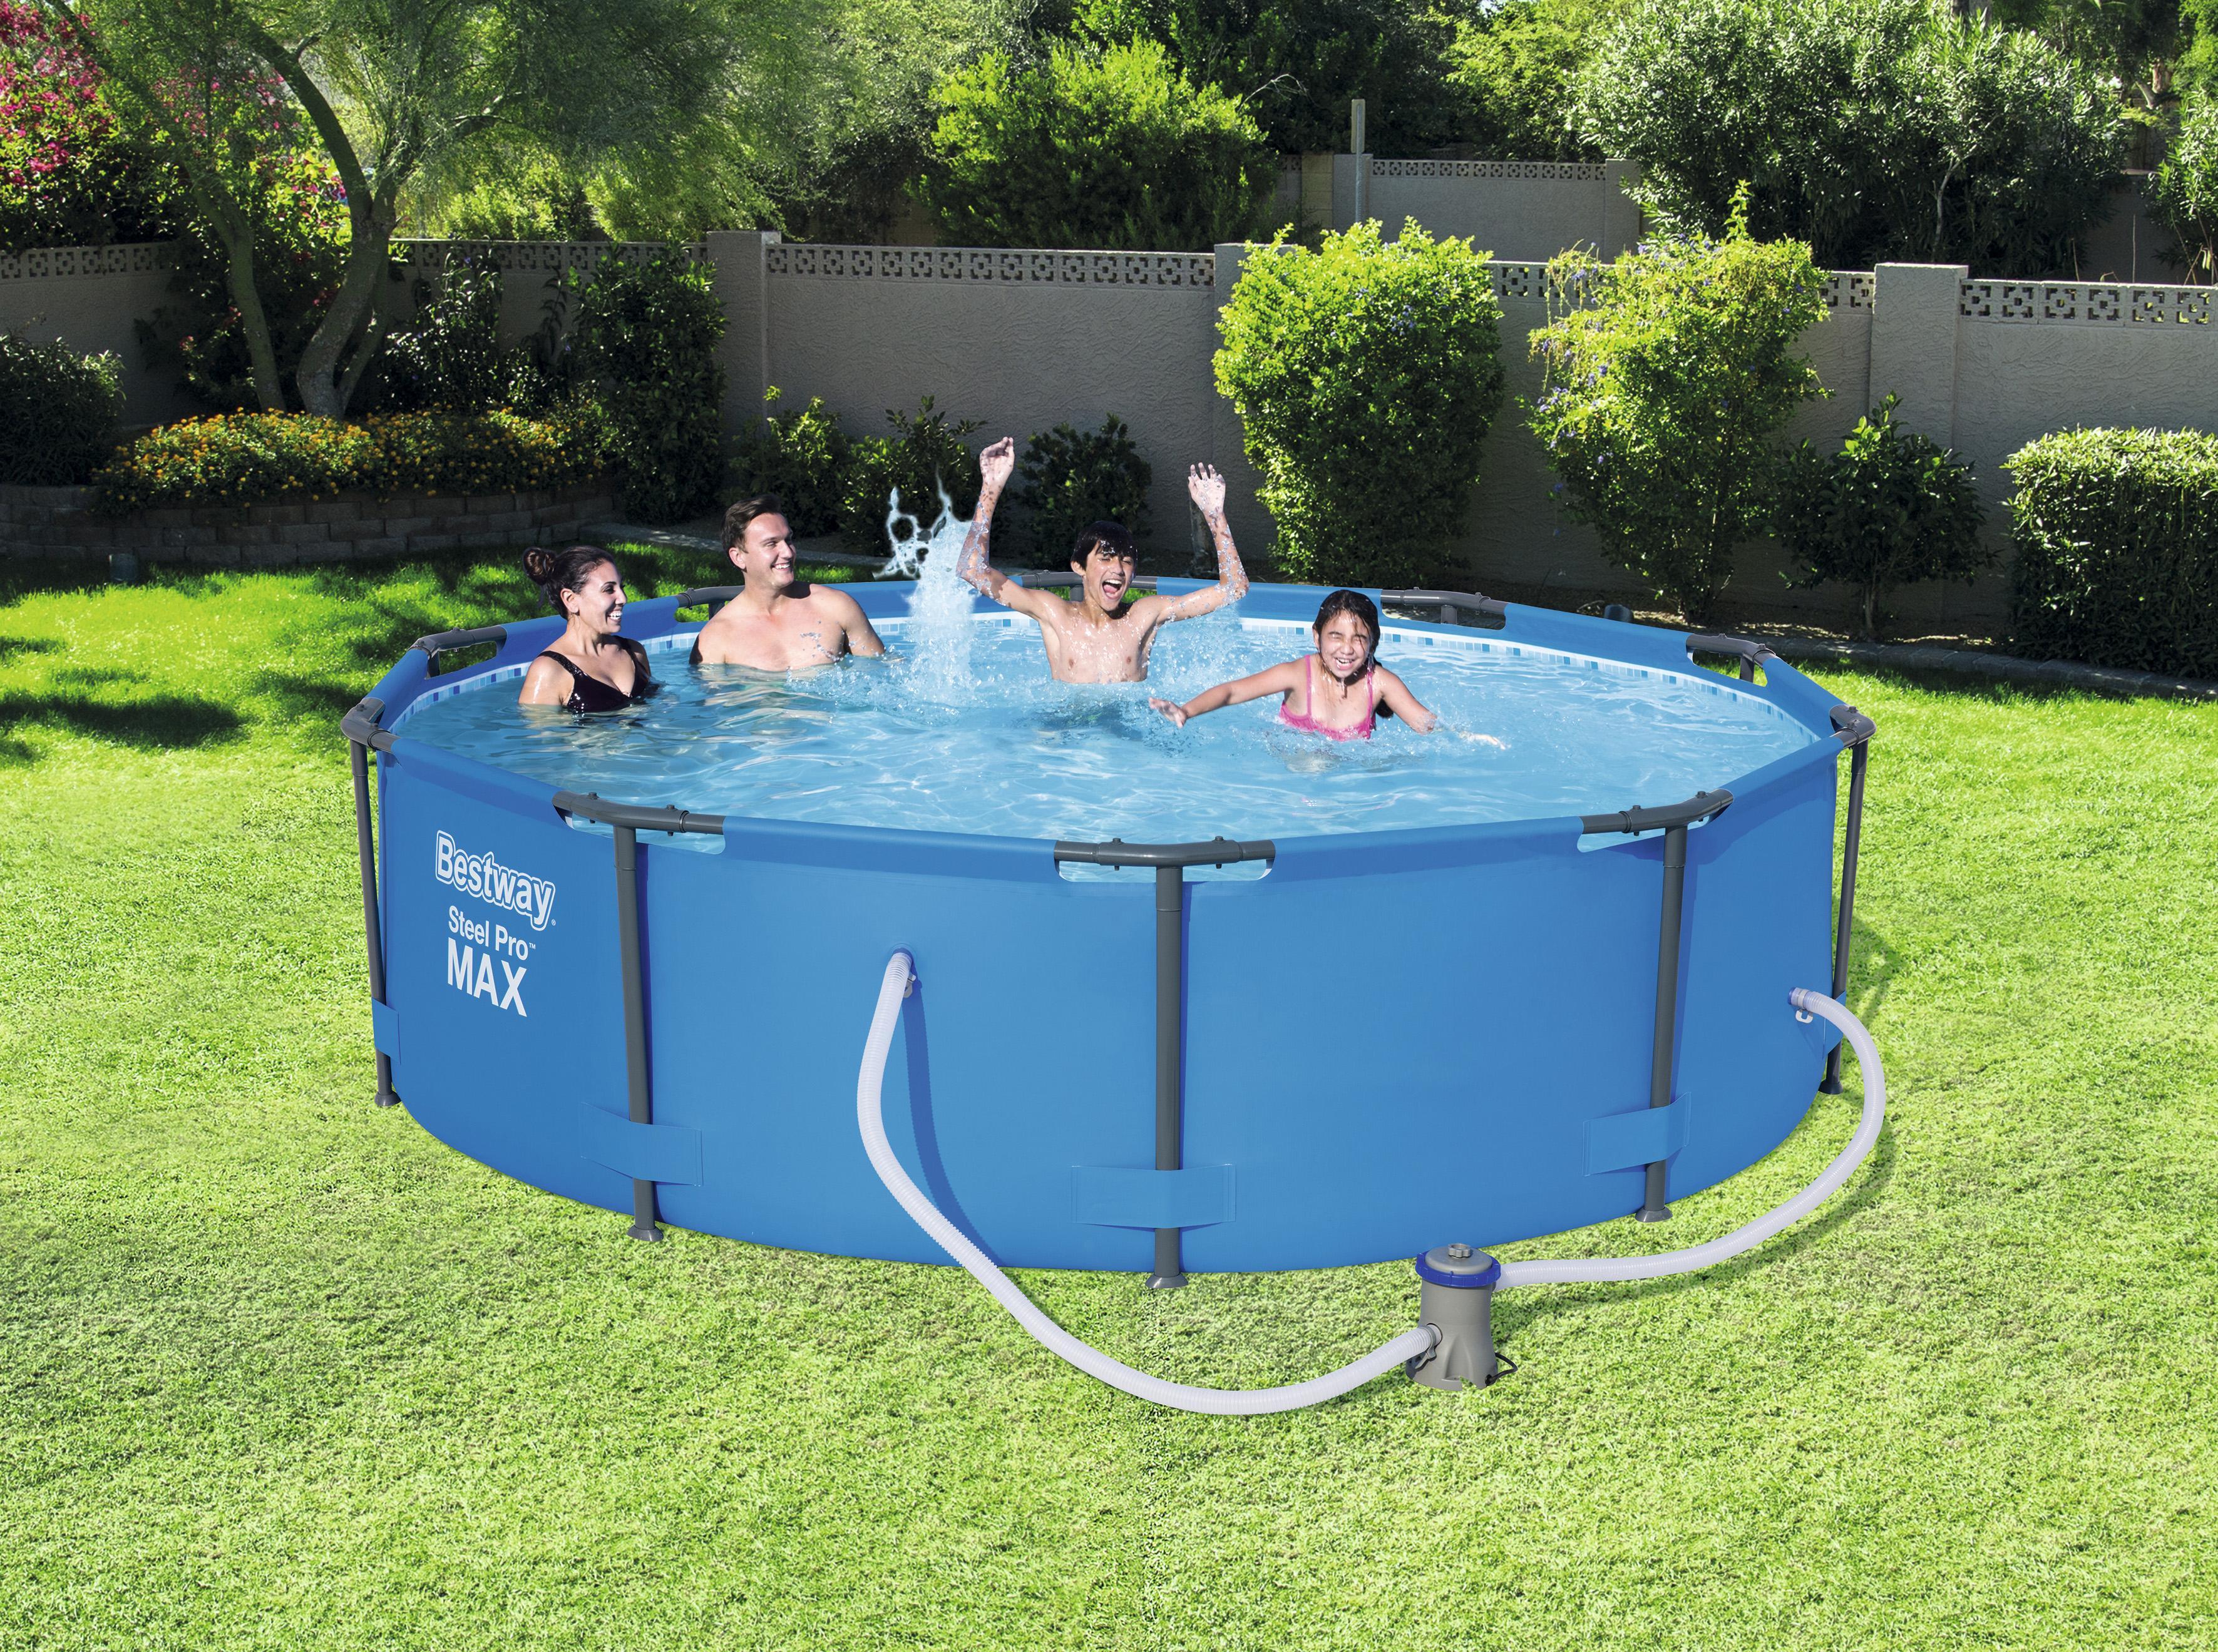 Bestway Pool Steel Pro MAX Frame Pool